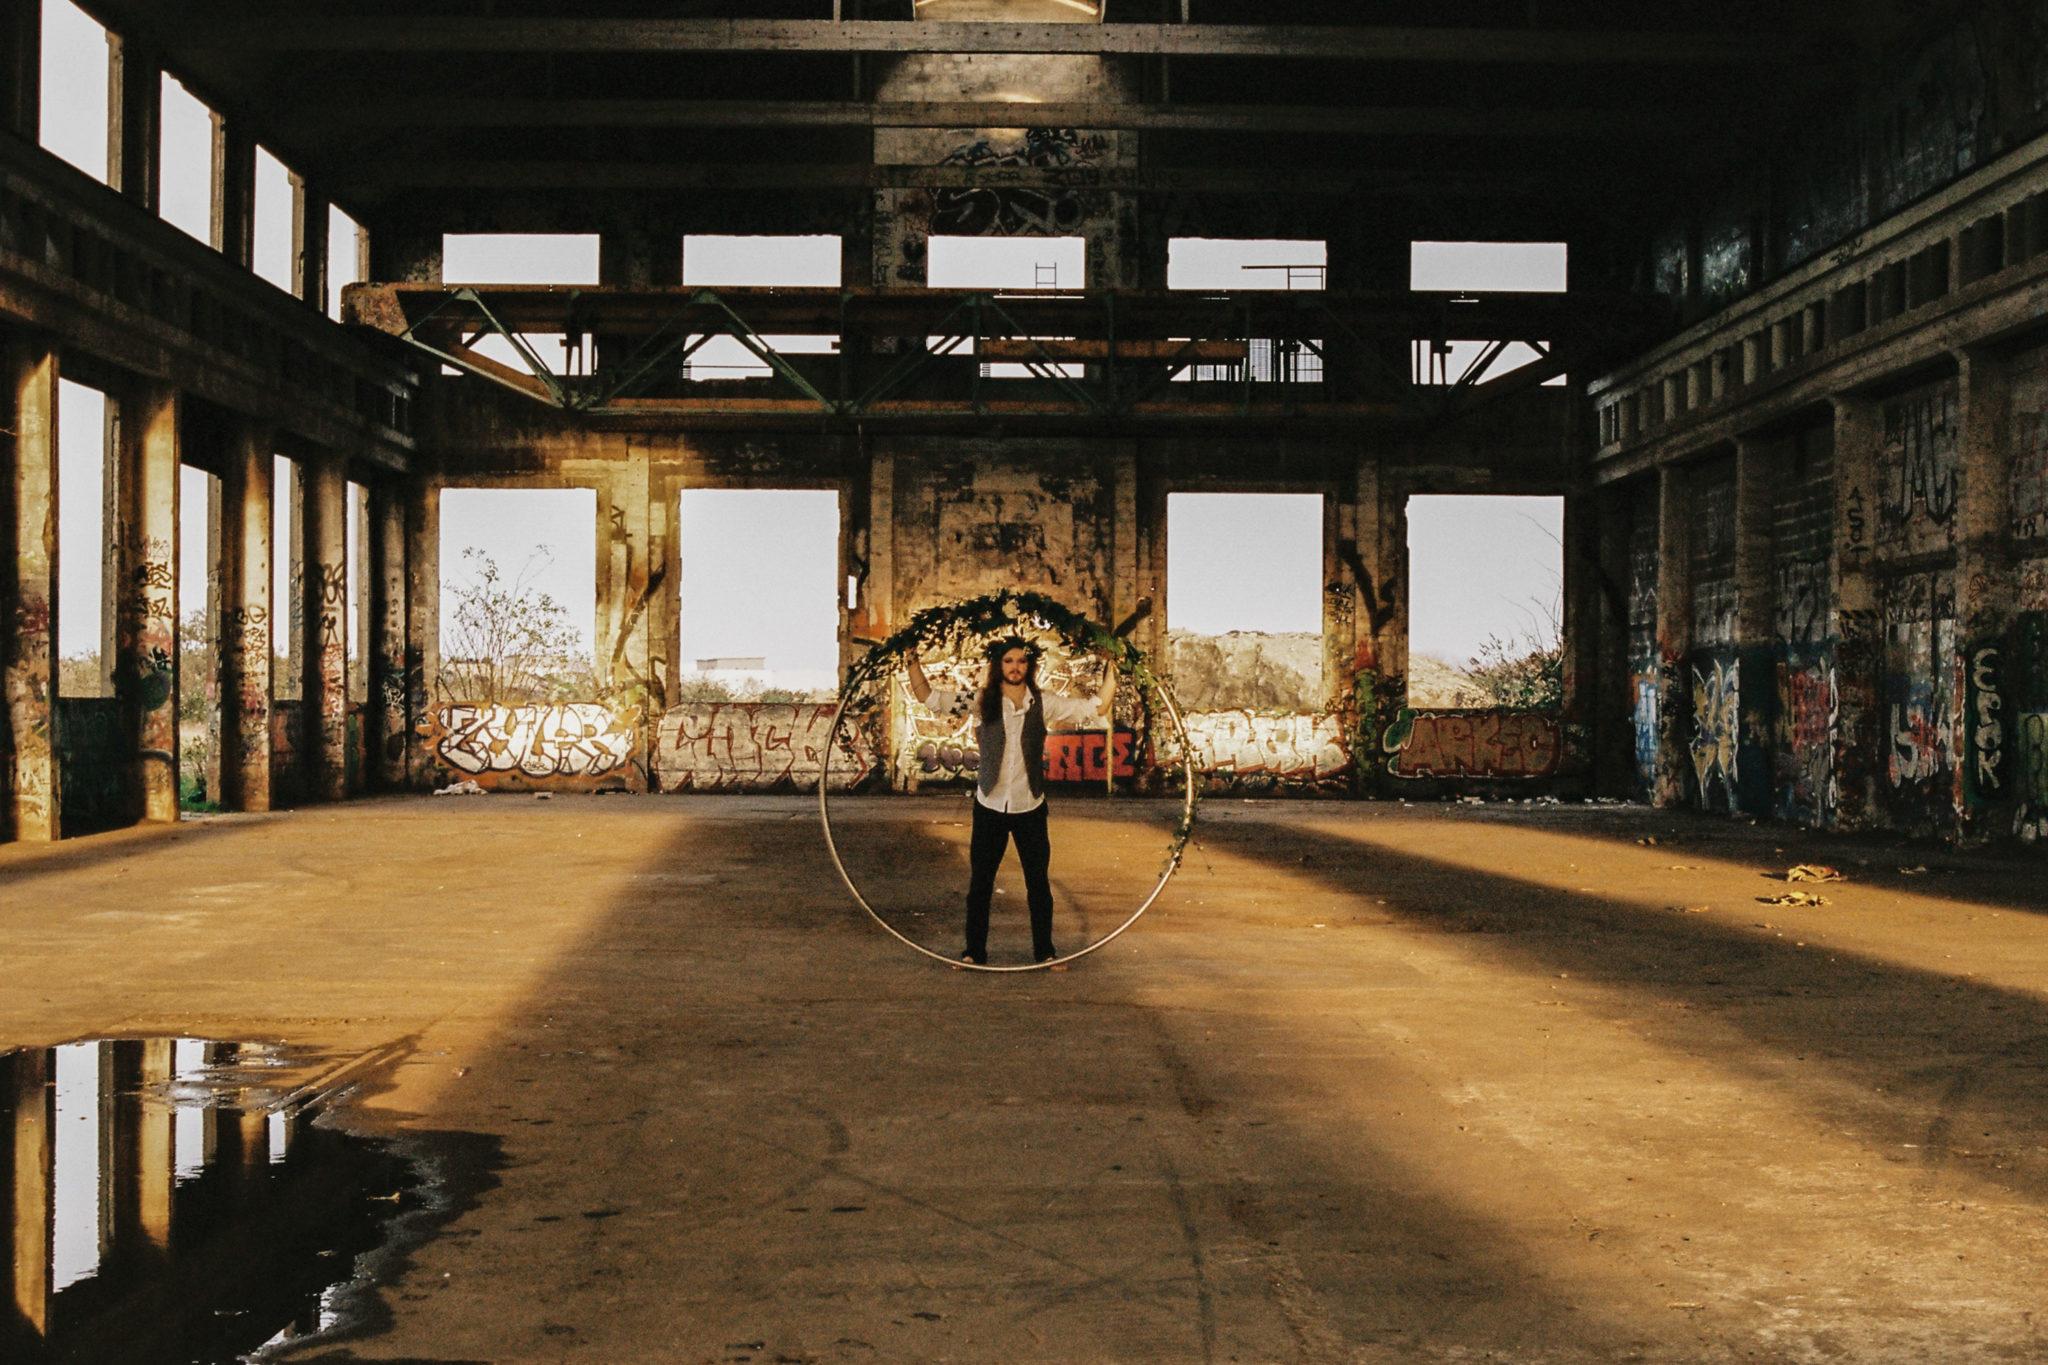 Songe jour d'hiver cirque inspiration industrielle